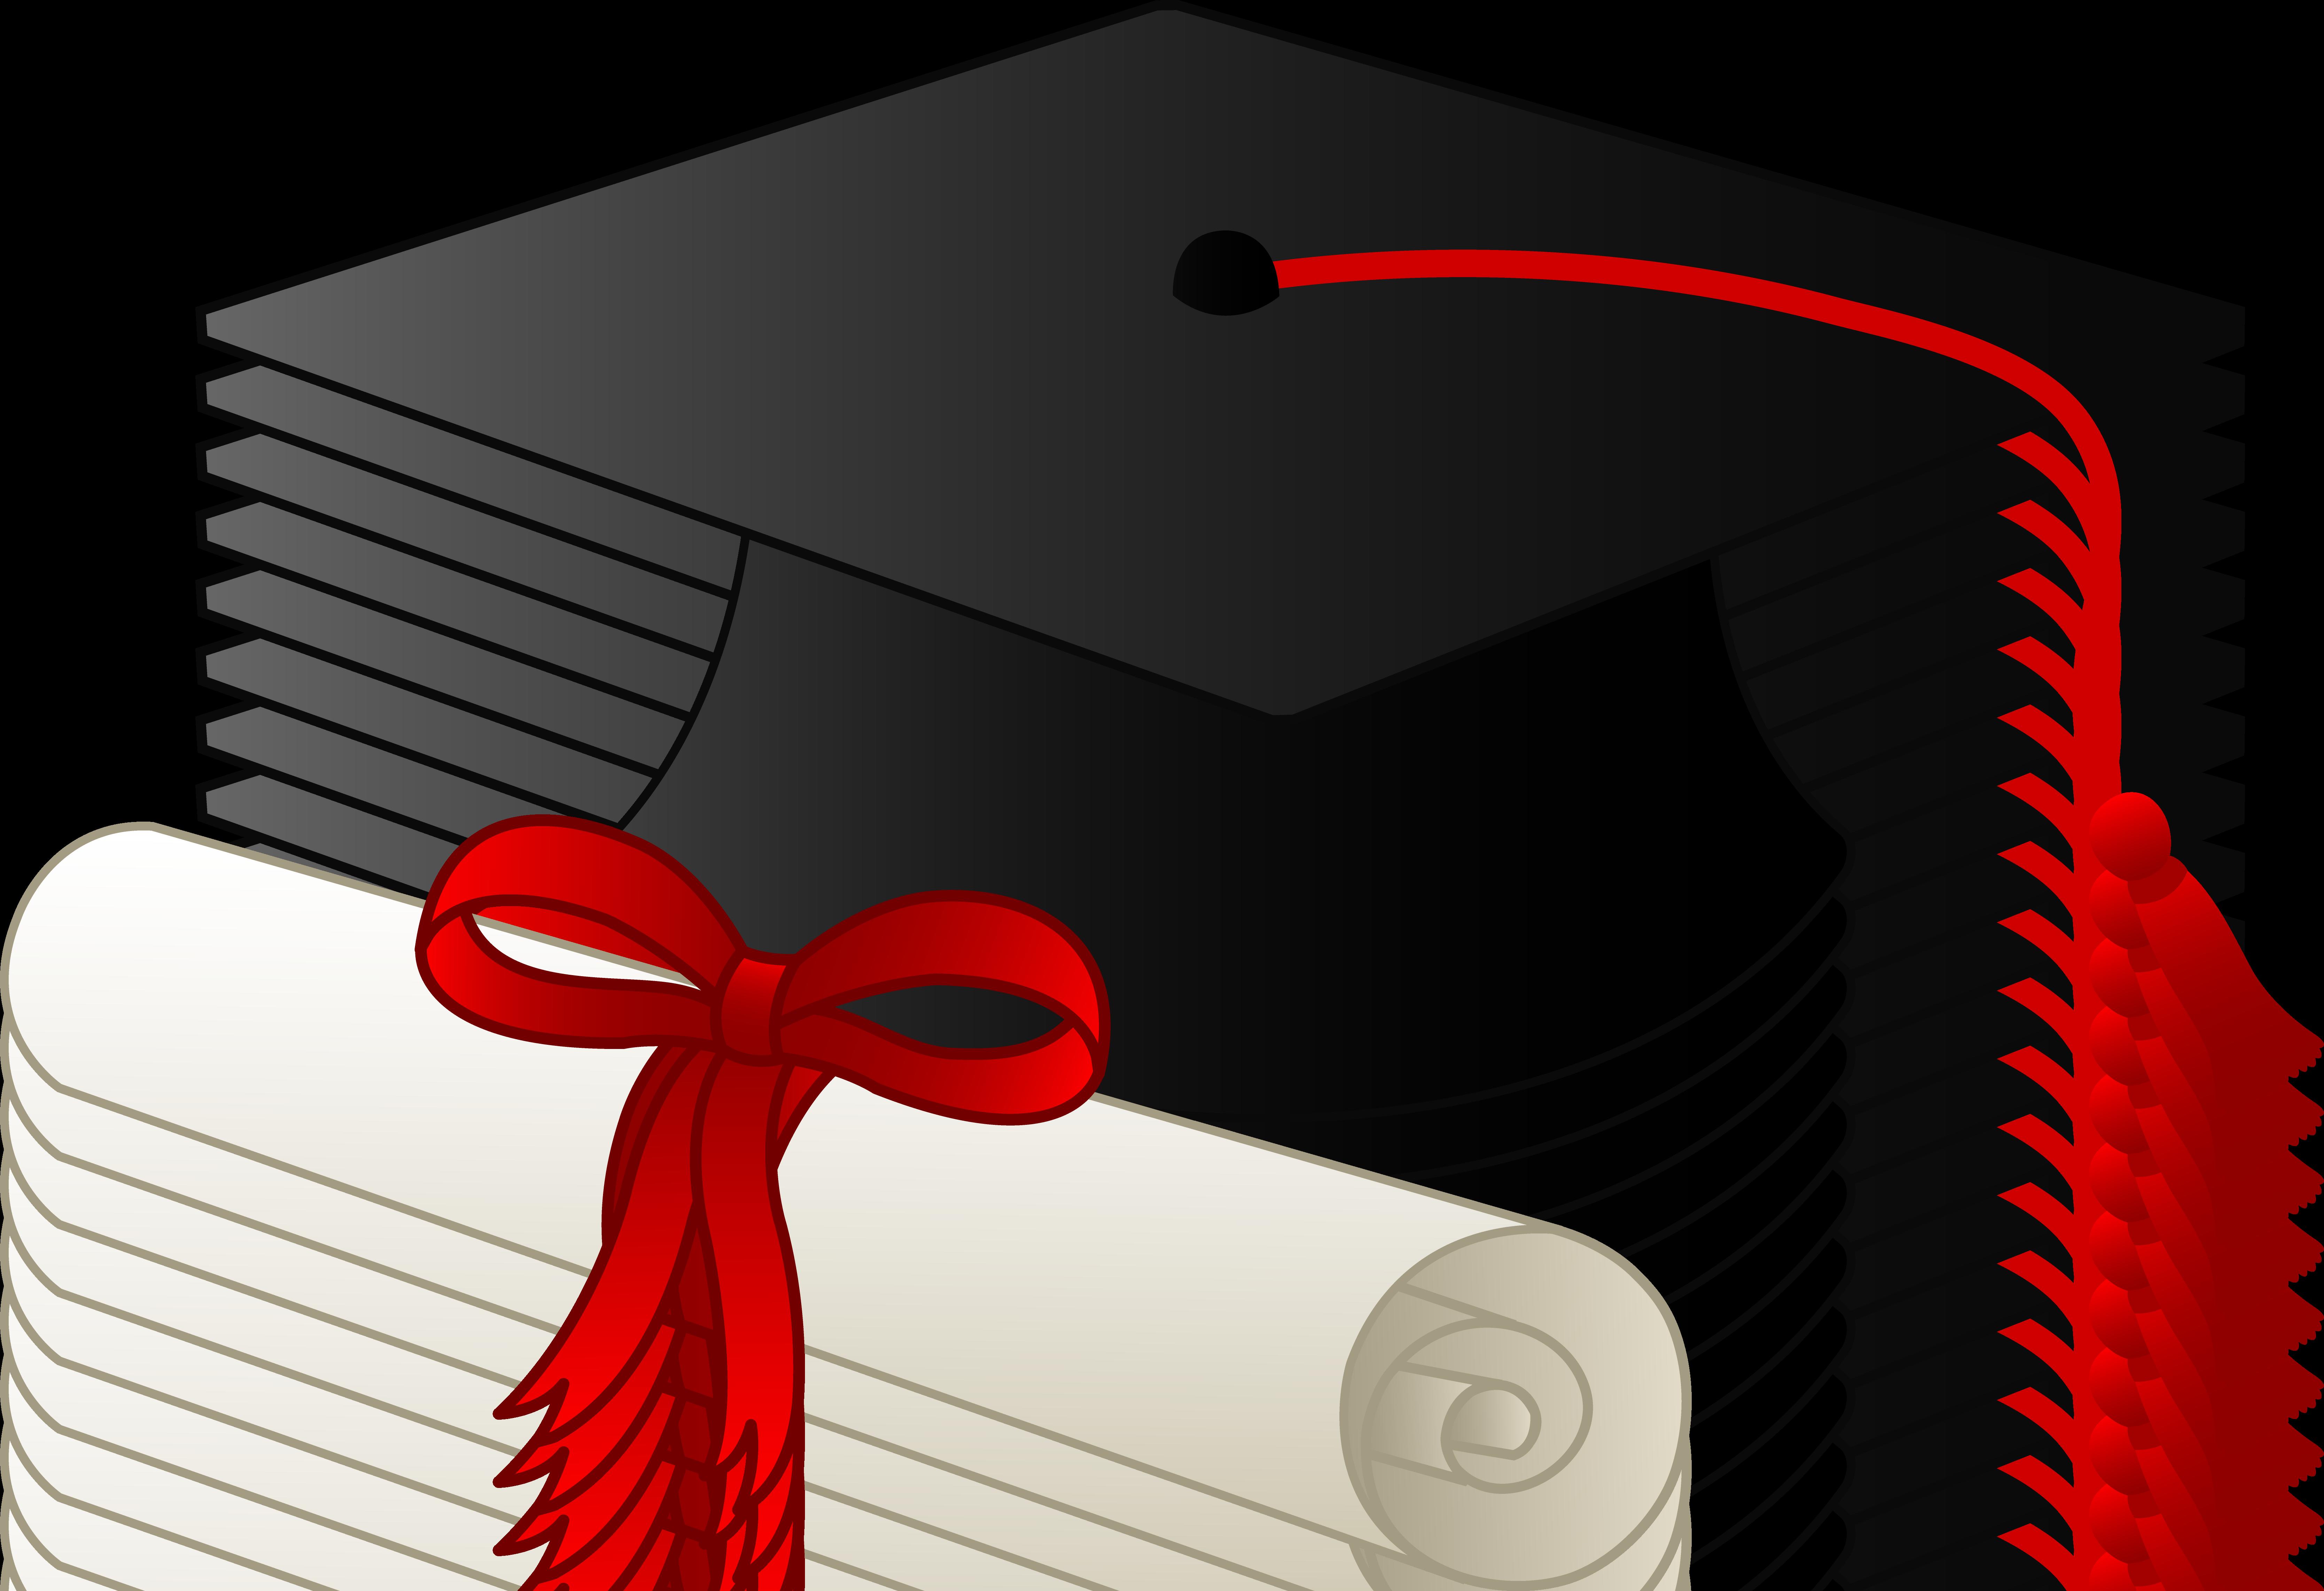 6675x4570 Graduation Clip Art Borders Graduation Cap And Diploma